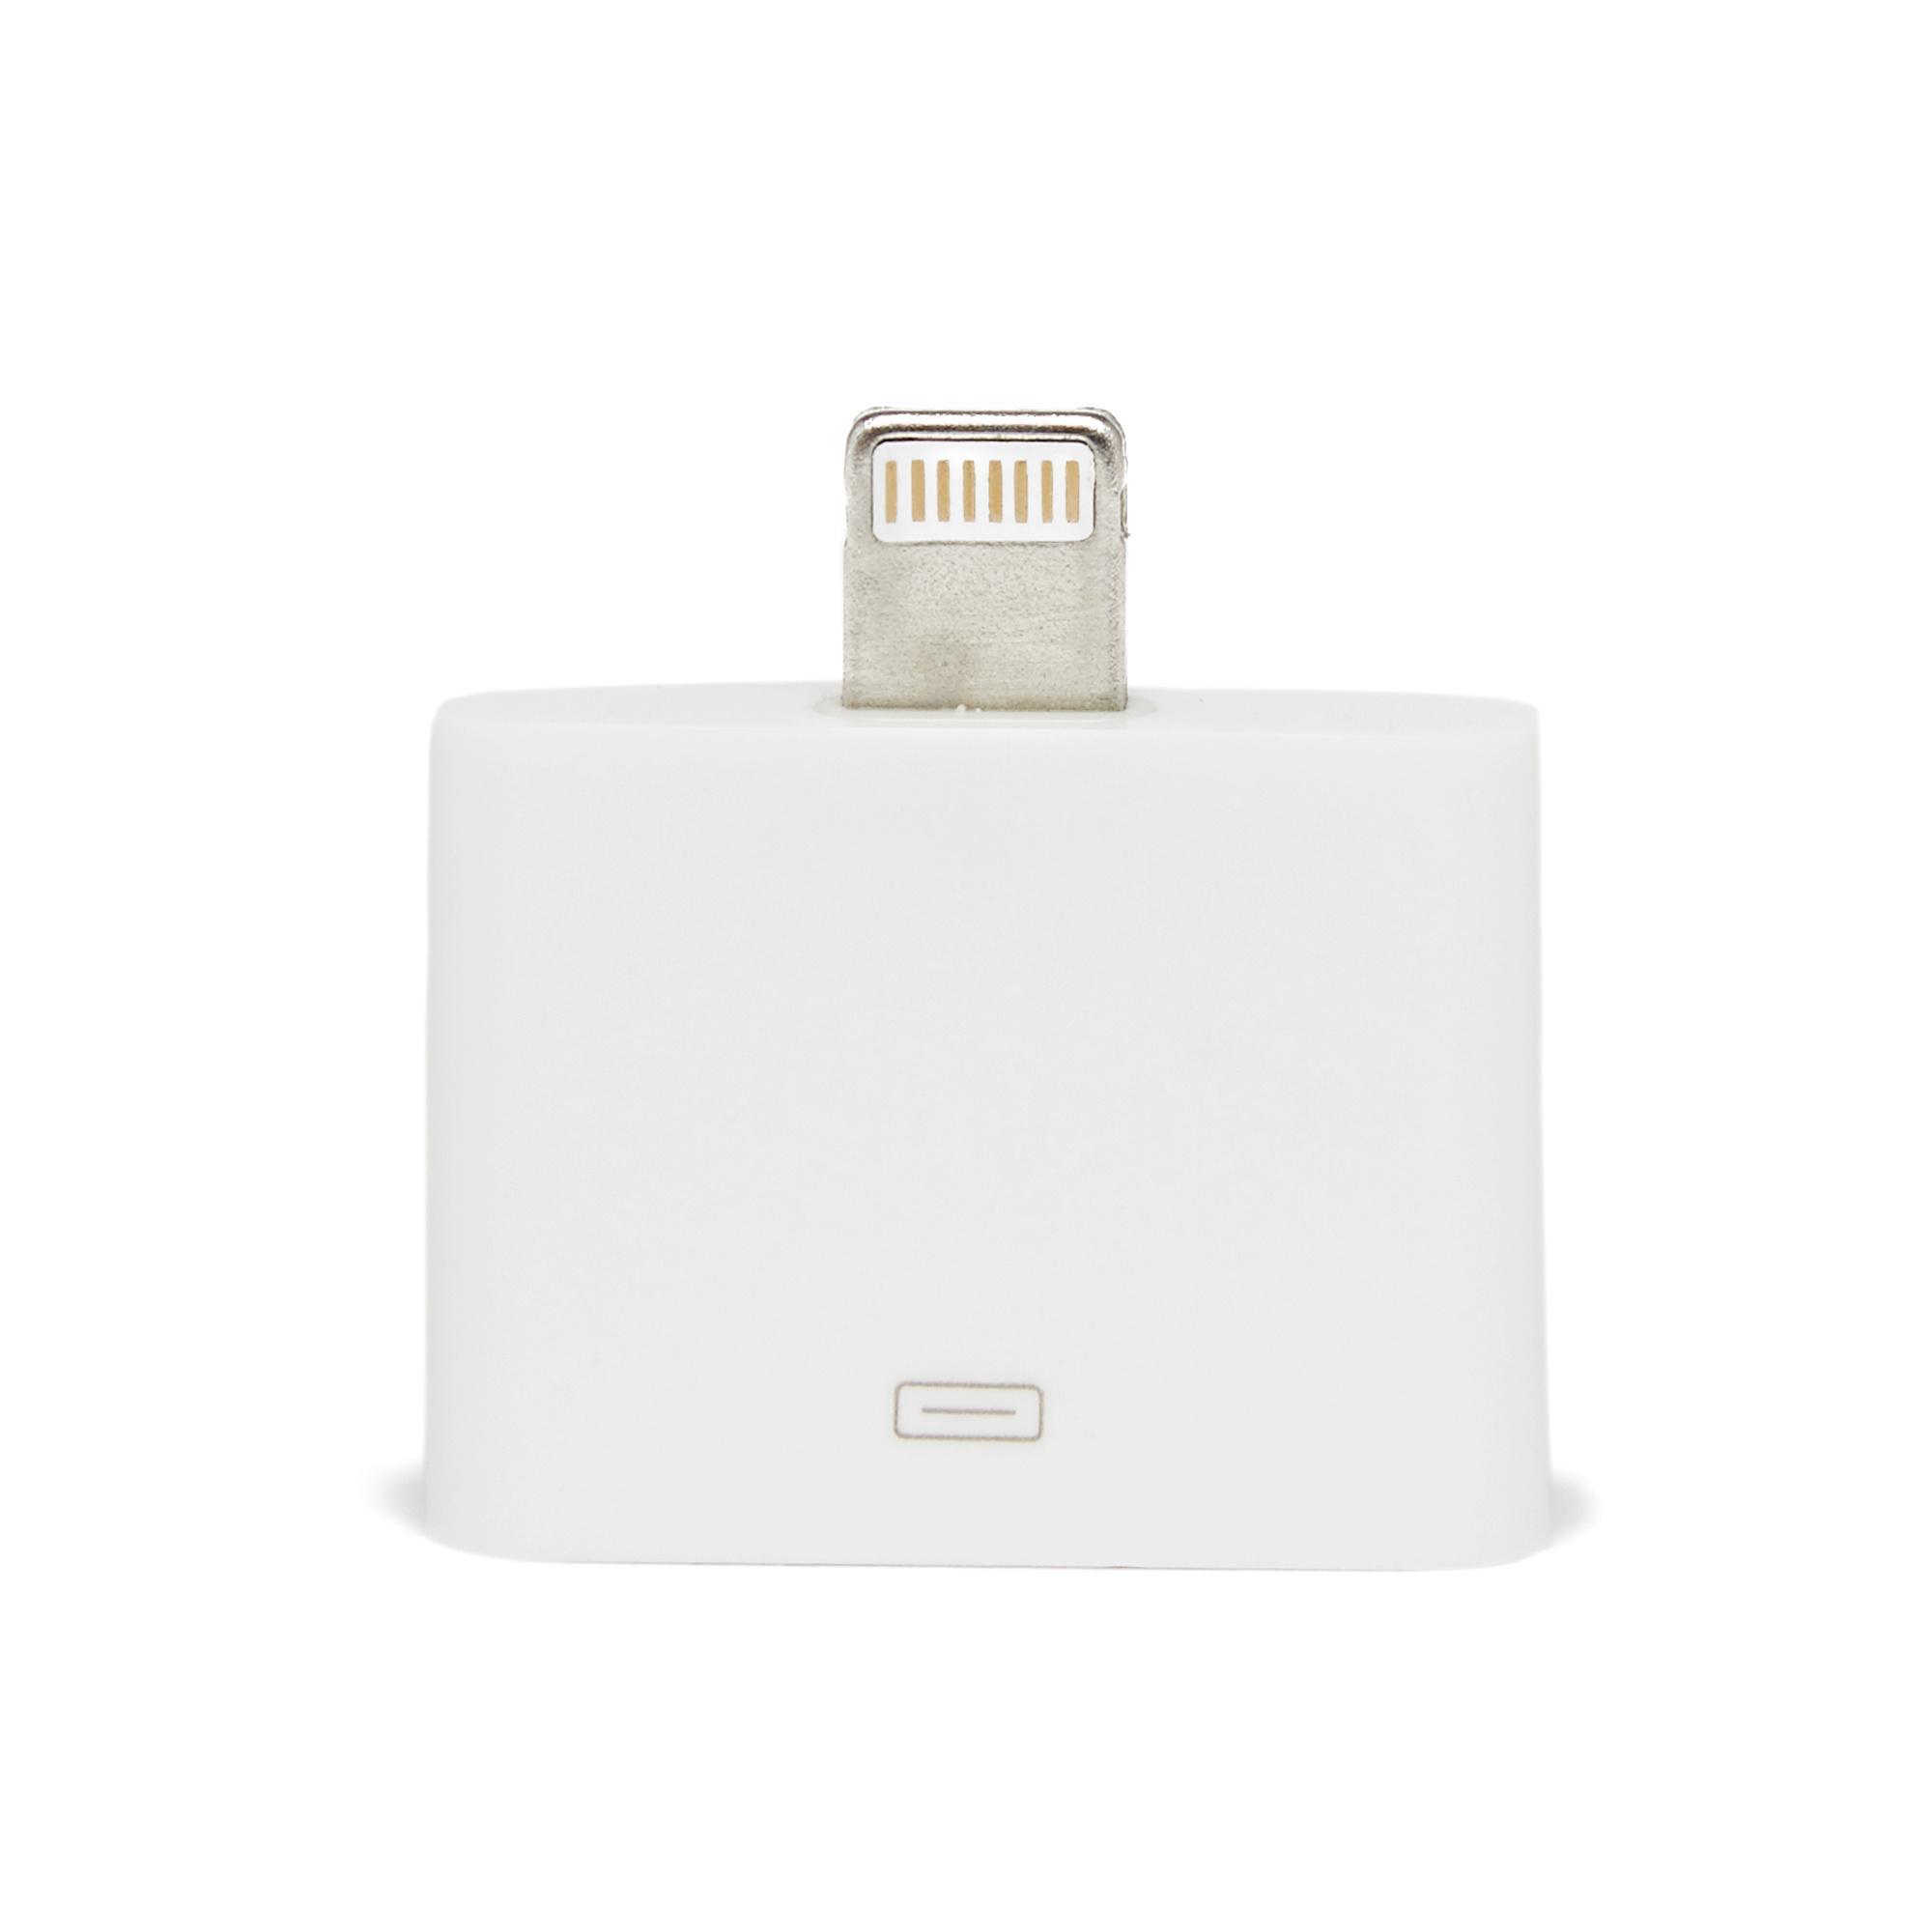 Design Go Lightning-30-Pin Adaptor, White